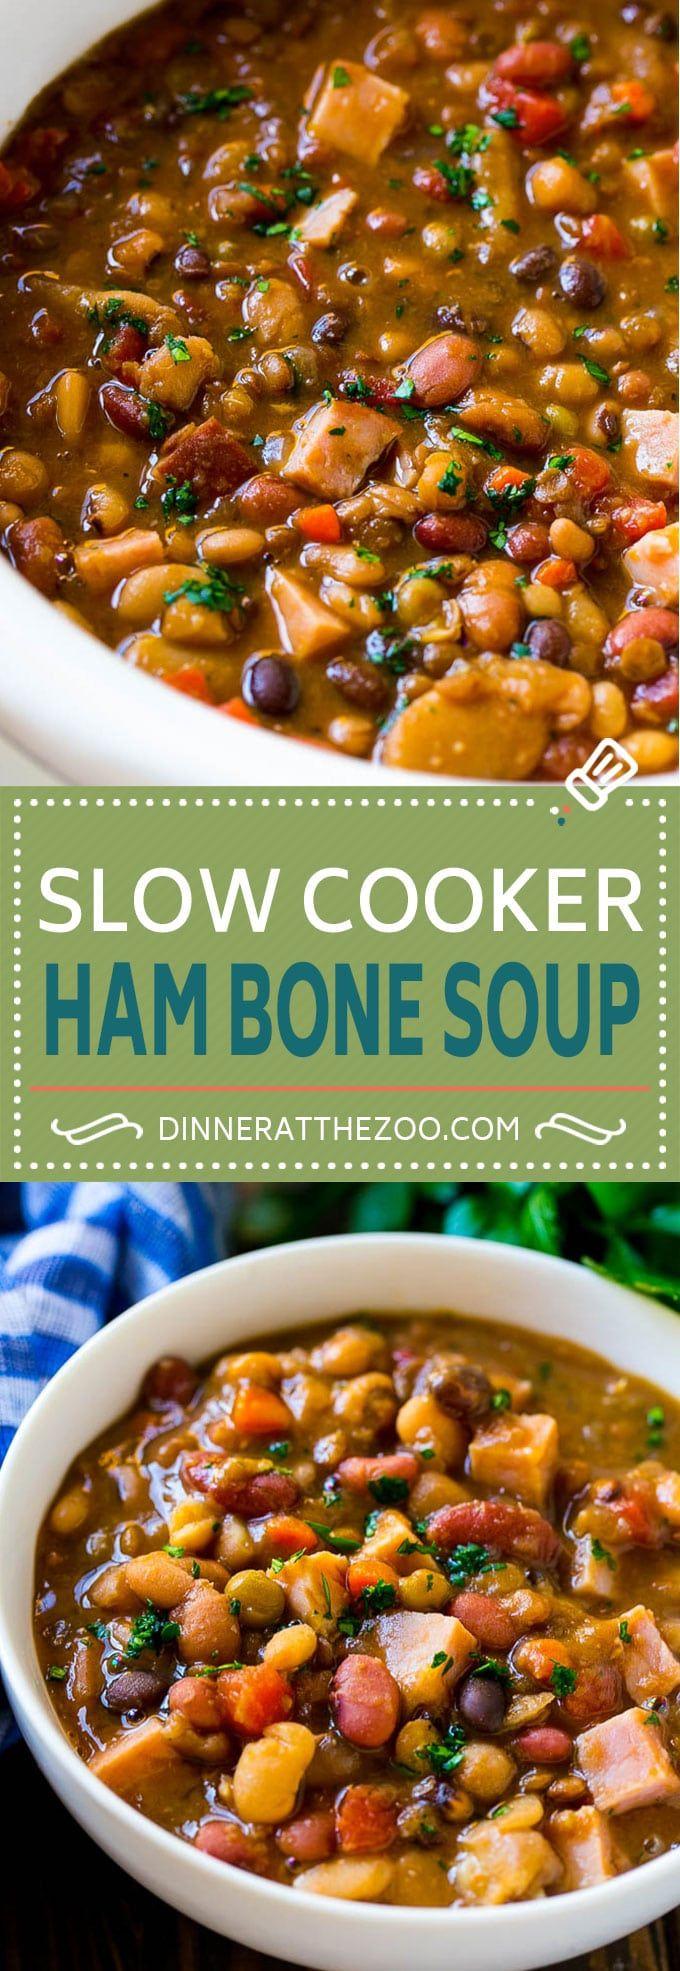 Slow Cooker Ham Bone Soup  Ham and Bean Soup  Ham Bone and Bean Soup  Ham Soup  Leftover Ham Recipe